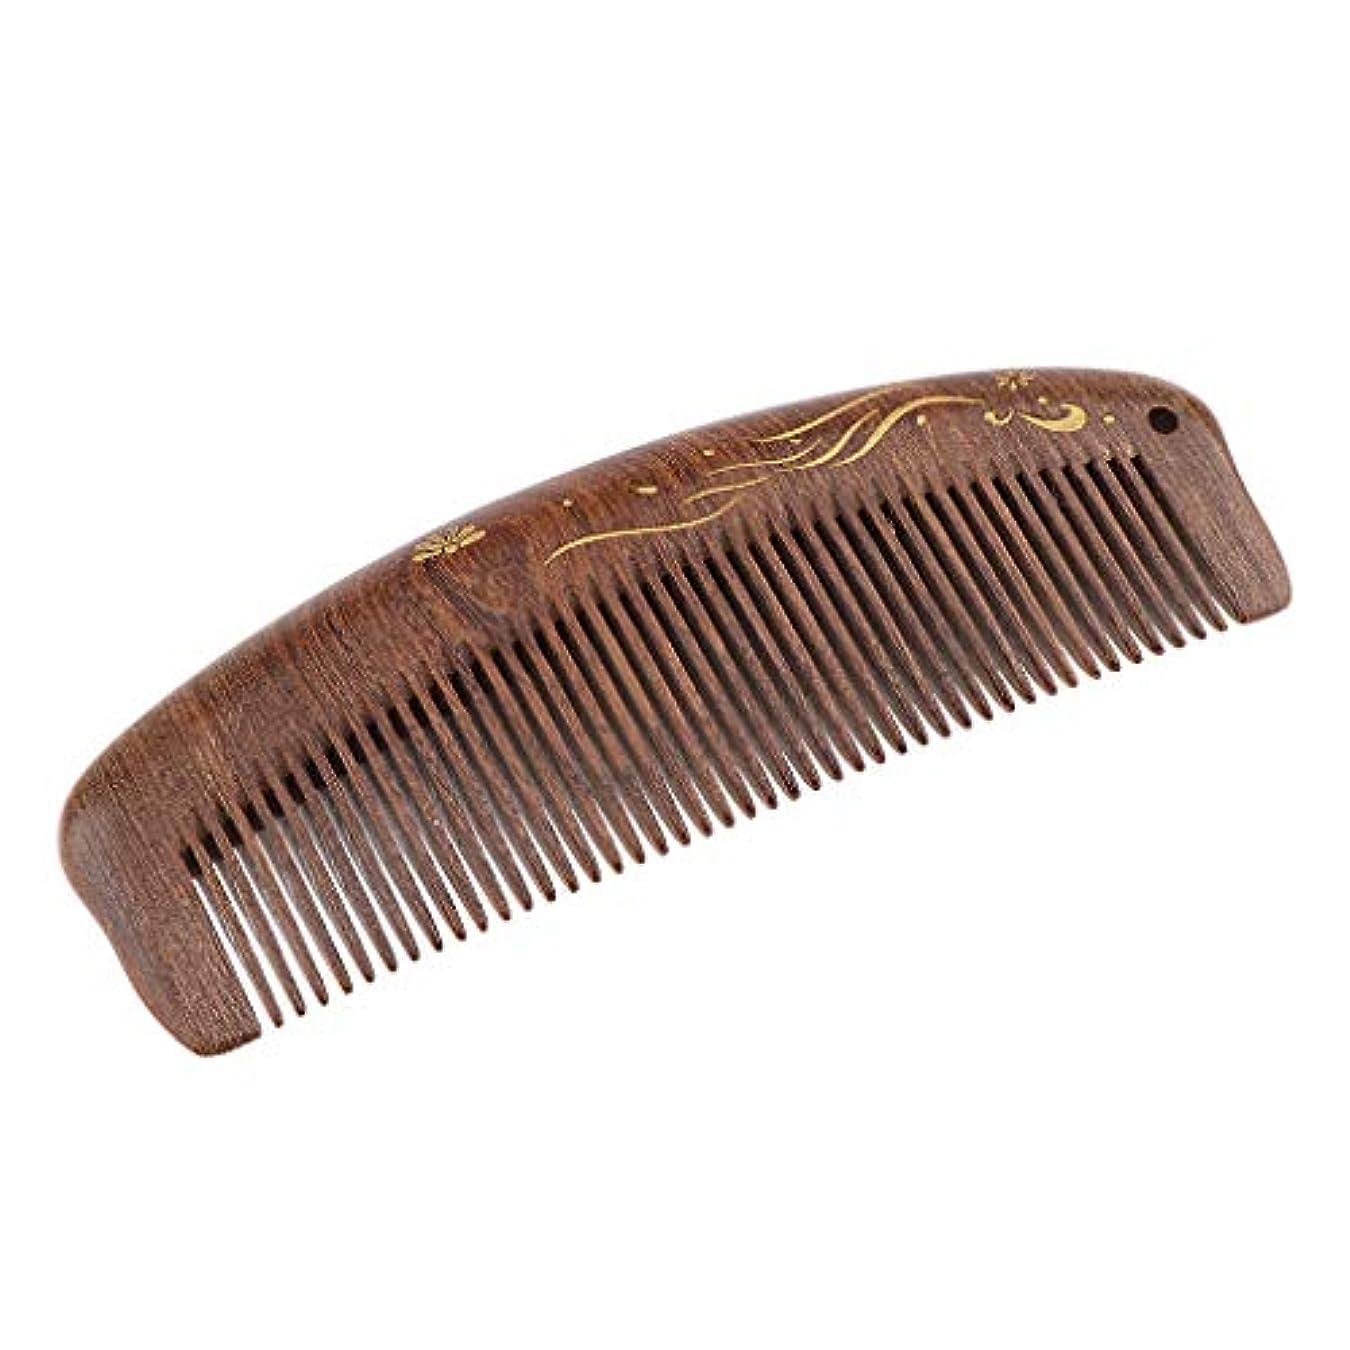 忘れる指定する啓発する帯電防止櫛 ウッドコーム ヘアサロン ヘアブラシ 3仕様選べ - 細かい歯